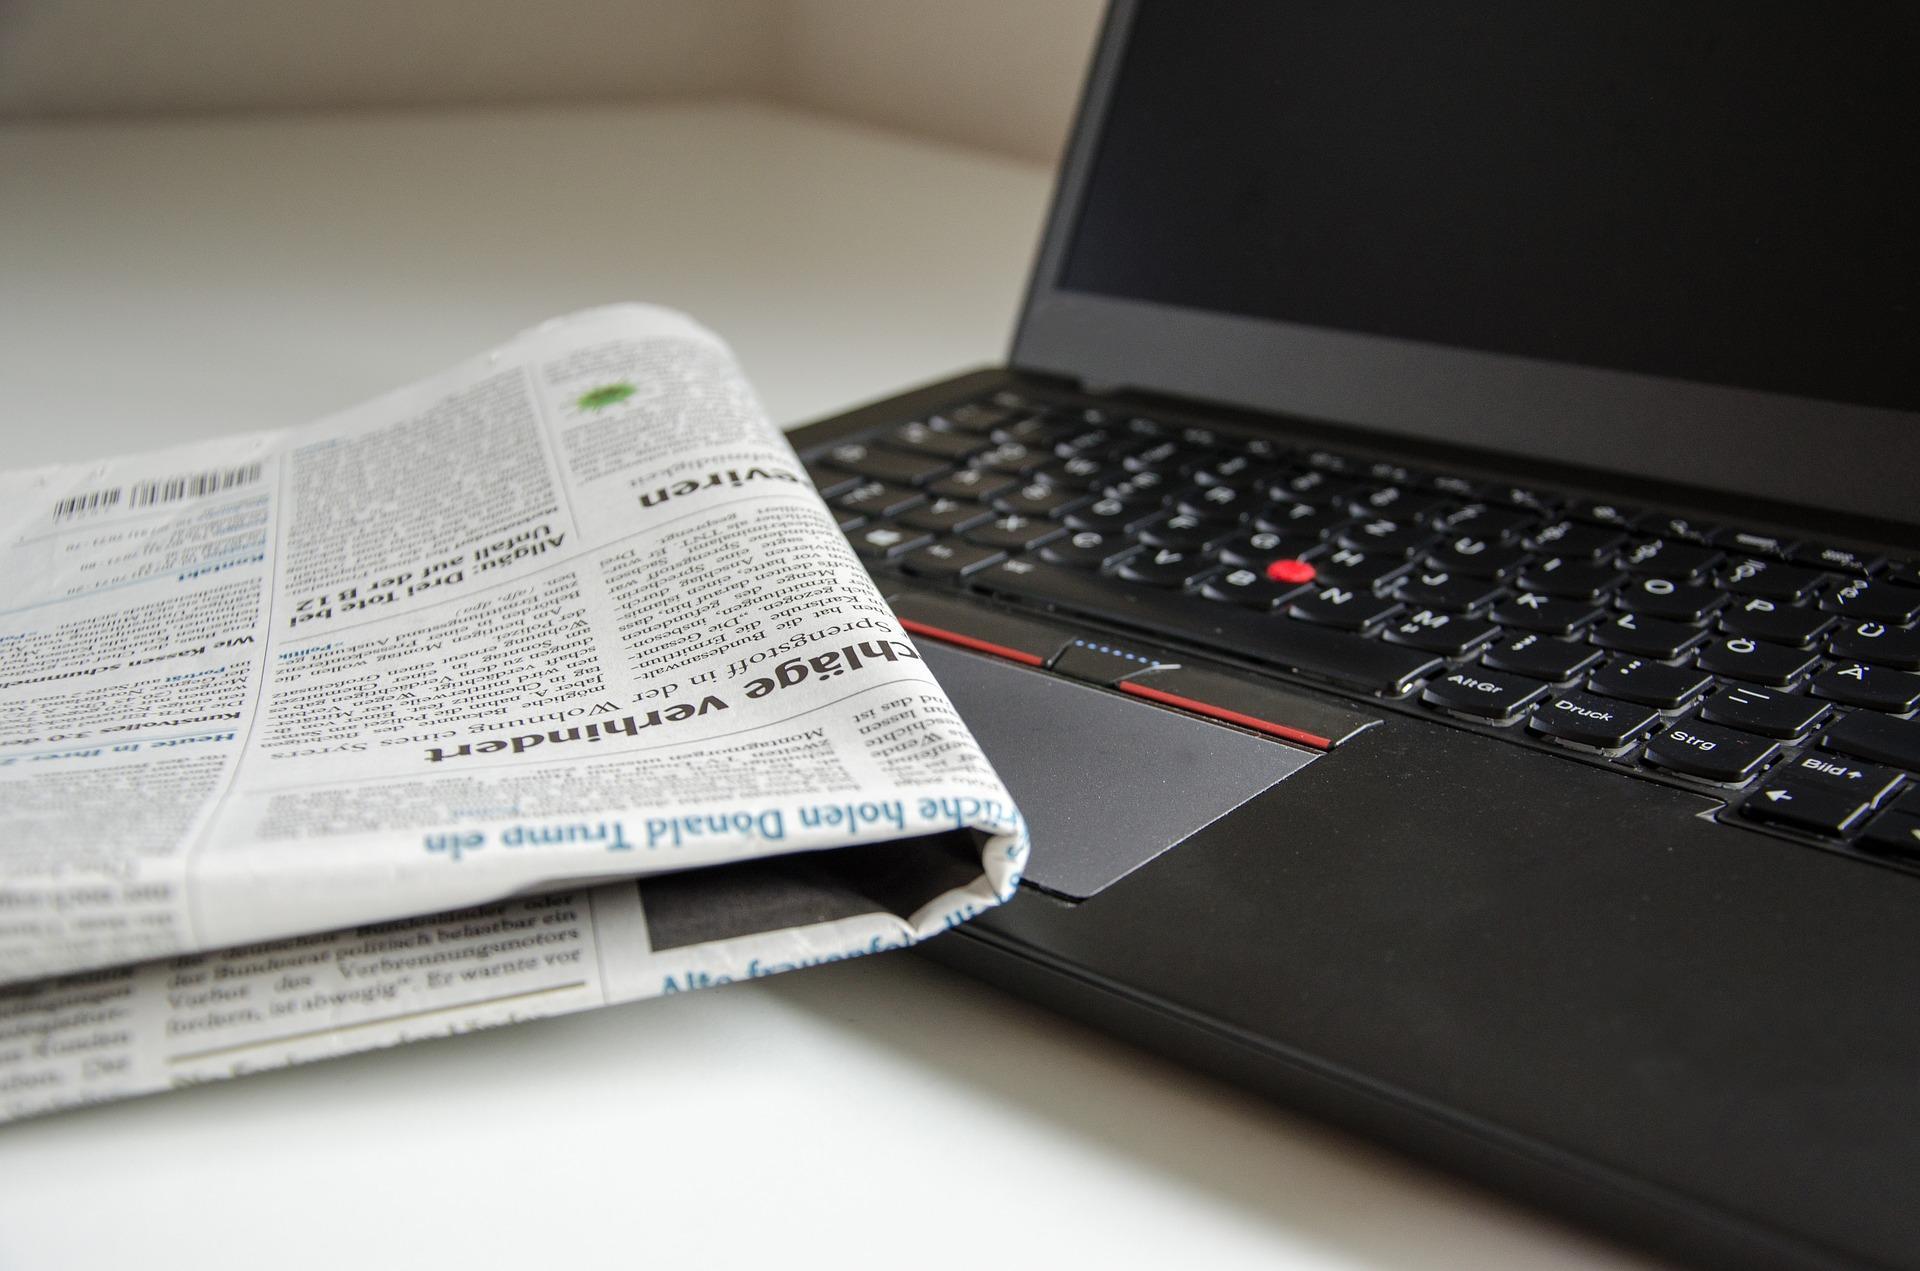 Tatsachenbehauptung oder Werturteil über dem Konkurrenten? – und die Meinungsfreiheit